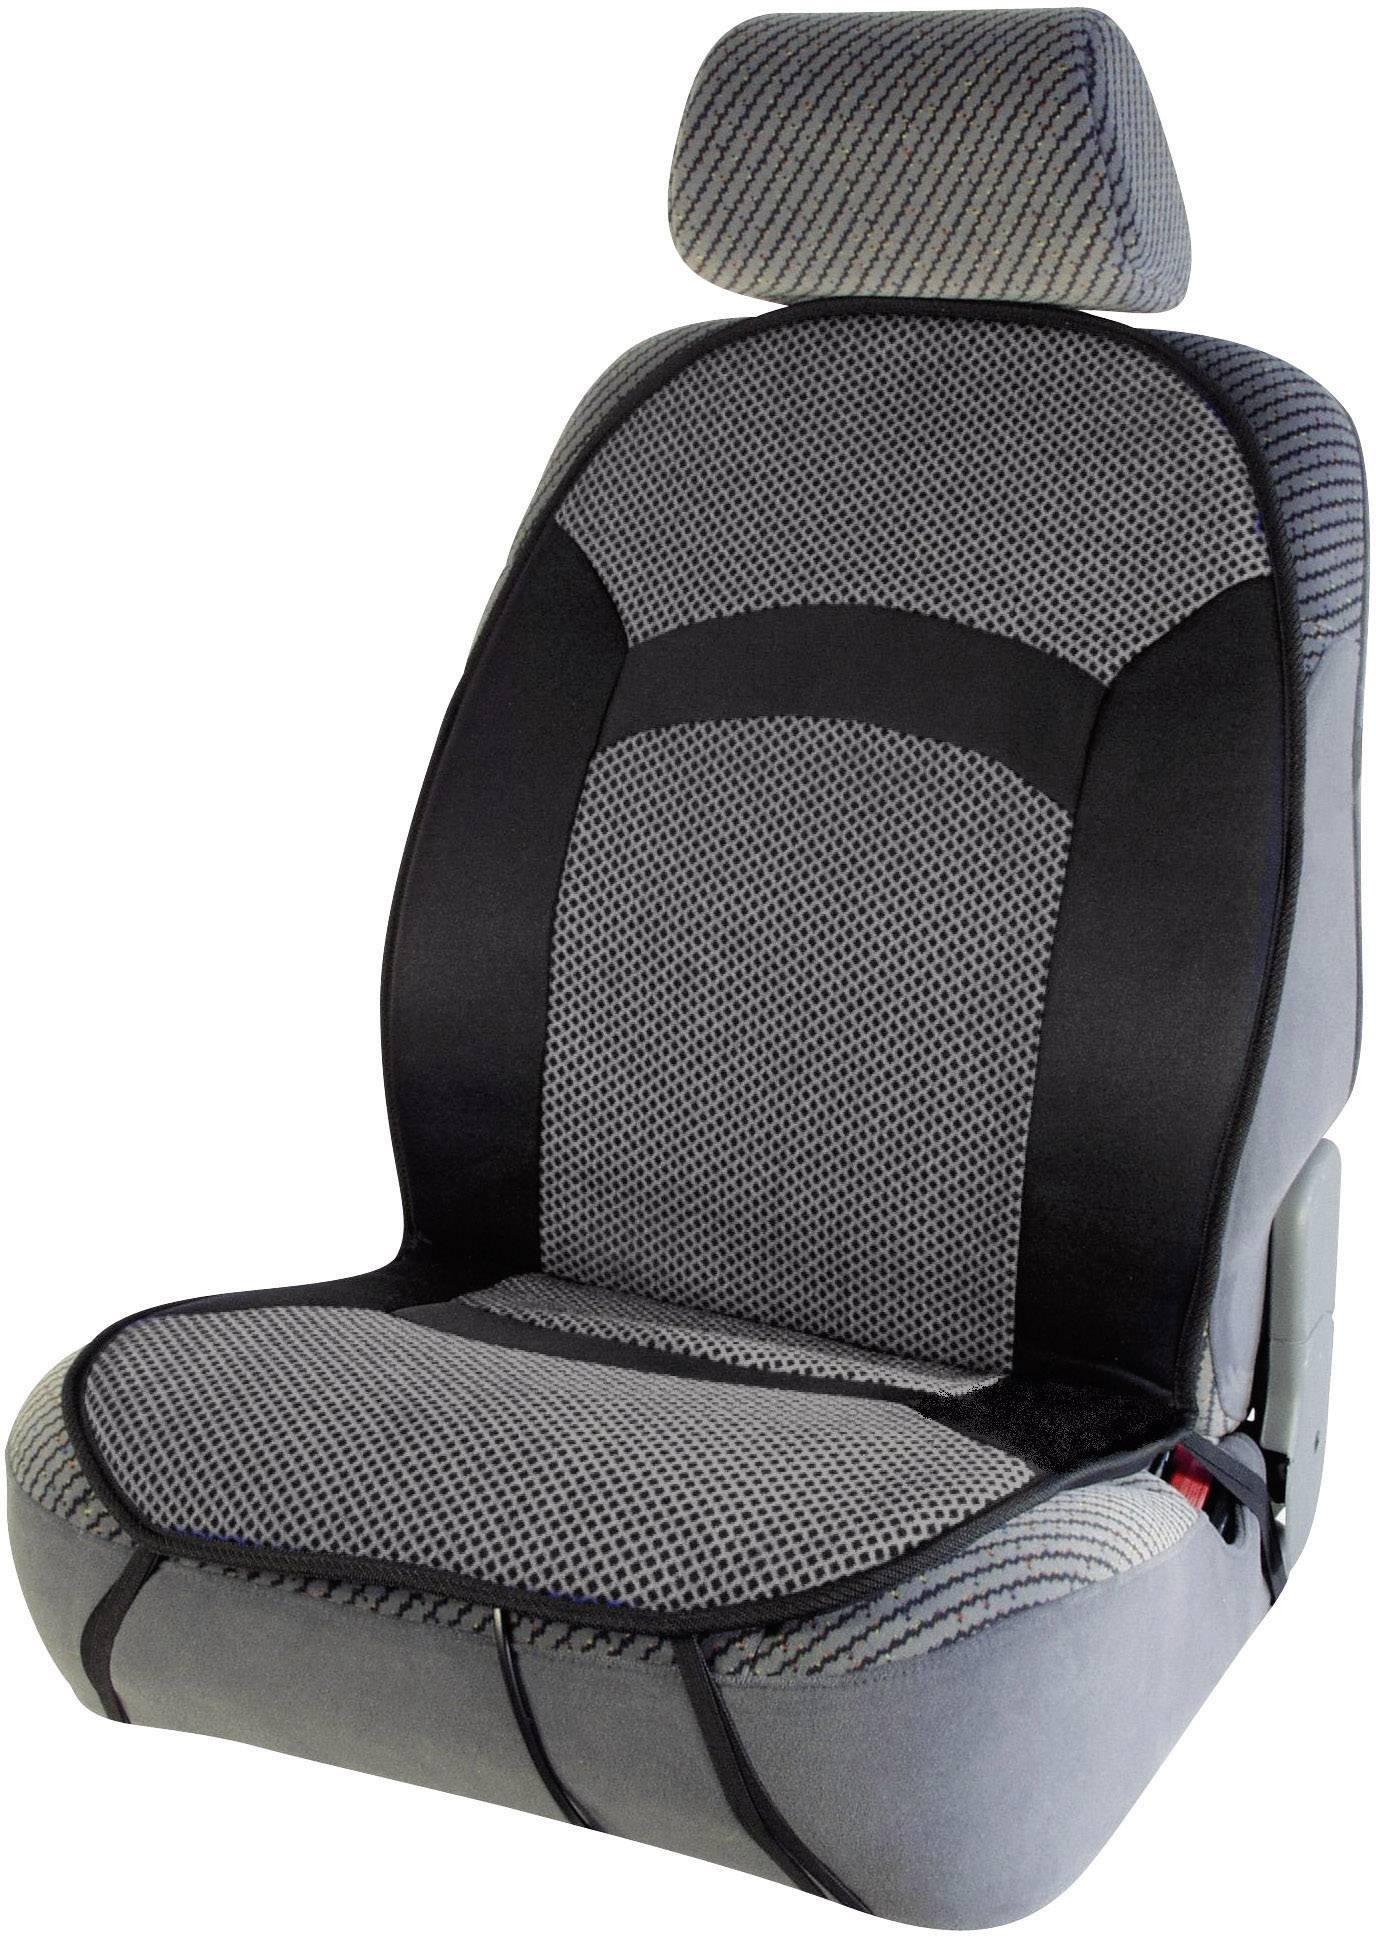 Vyhrievaný poťah na sedadlo, cartrend 60102, 12 V, čierna, sivá